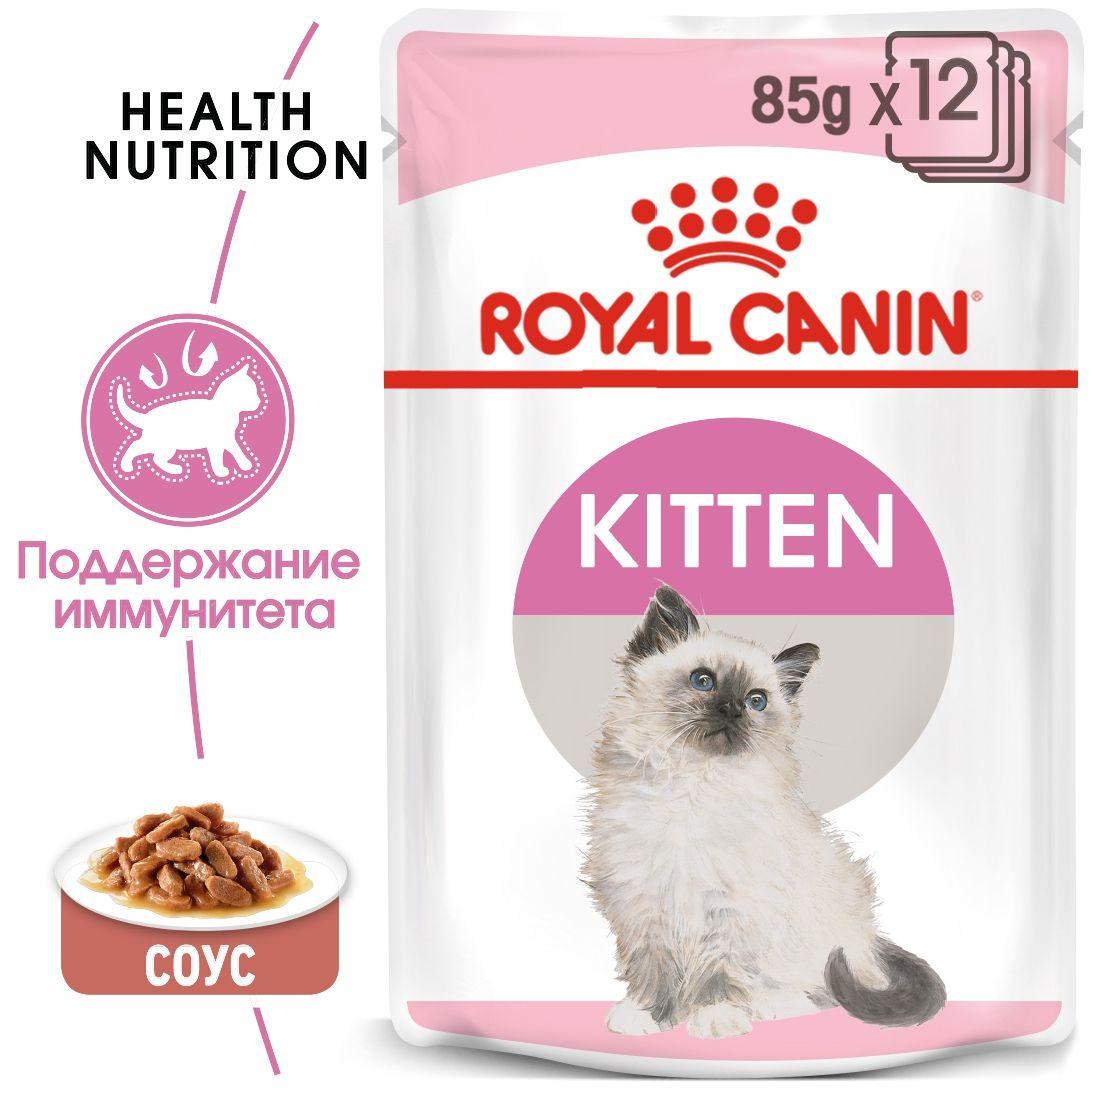 Kitten (в соусе)